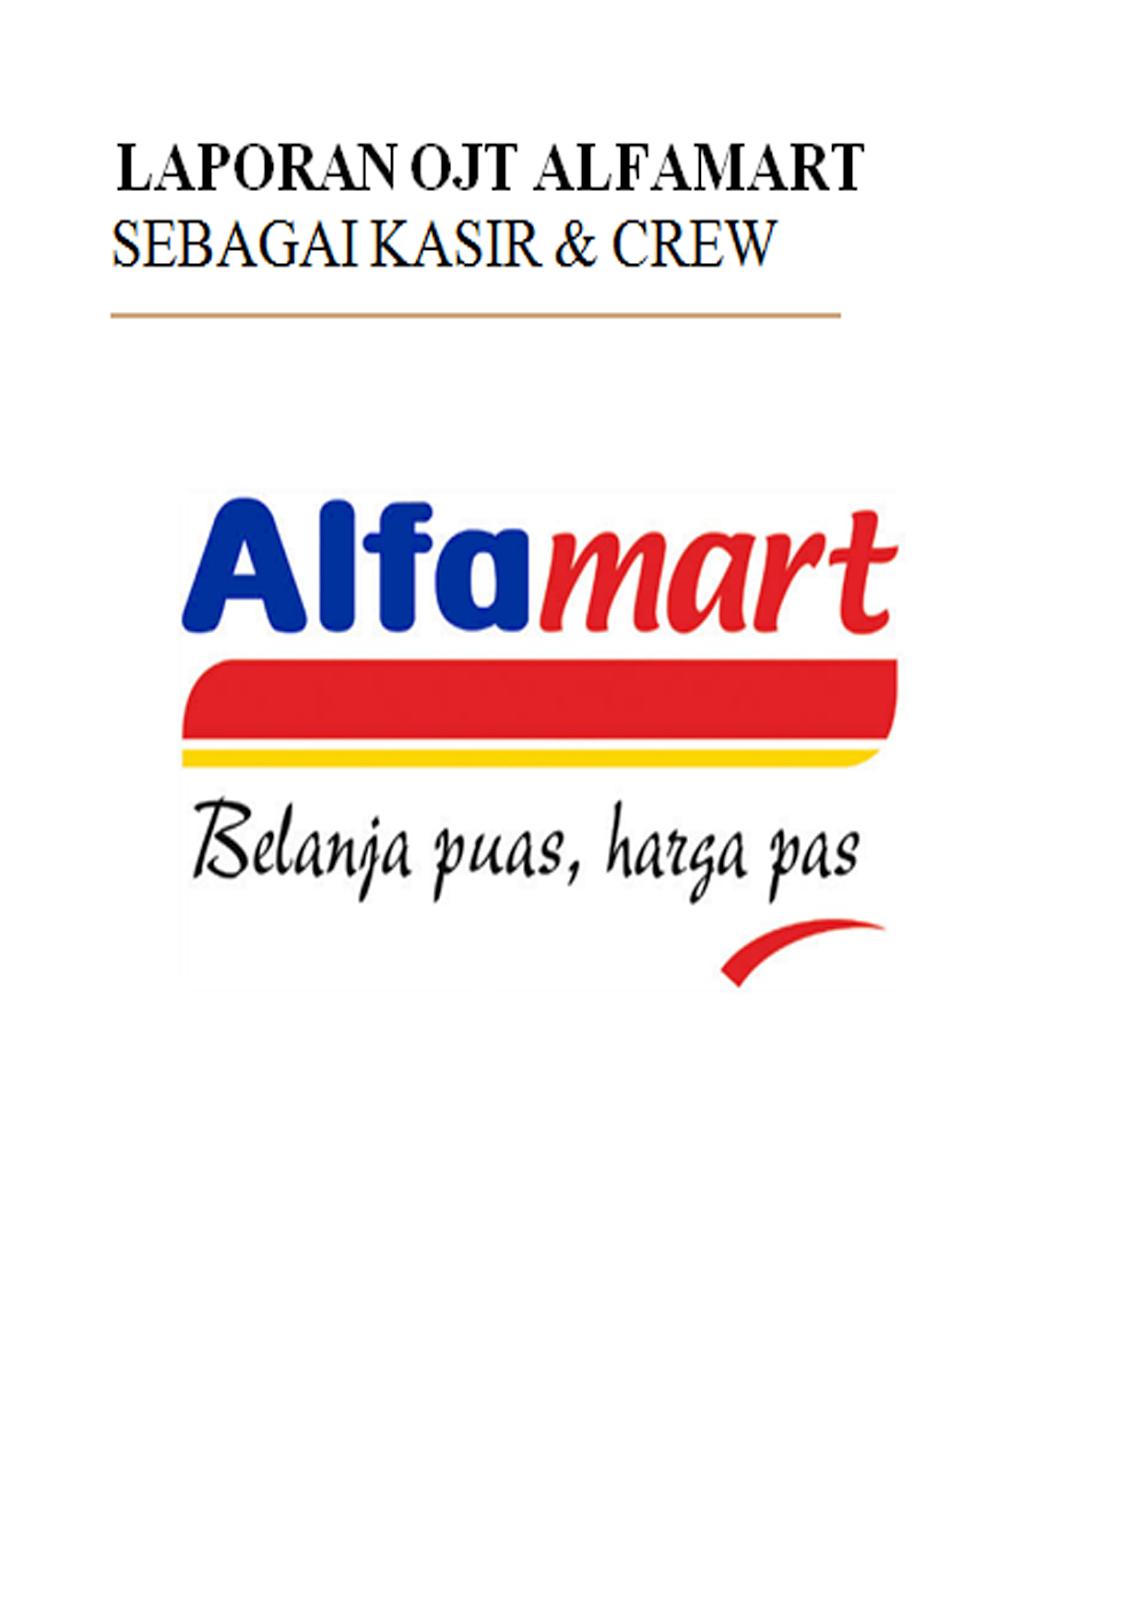 Download Laporan Ojt Alfamart Doc Free Semua Ada Disini